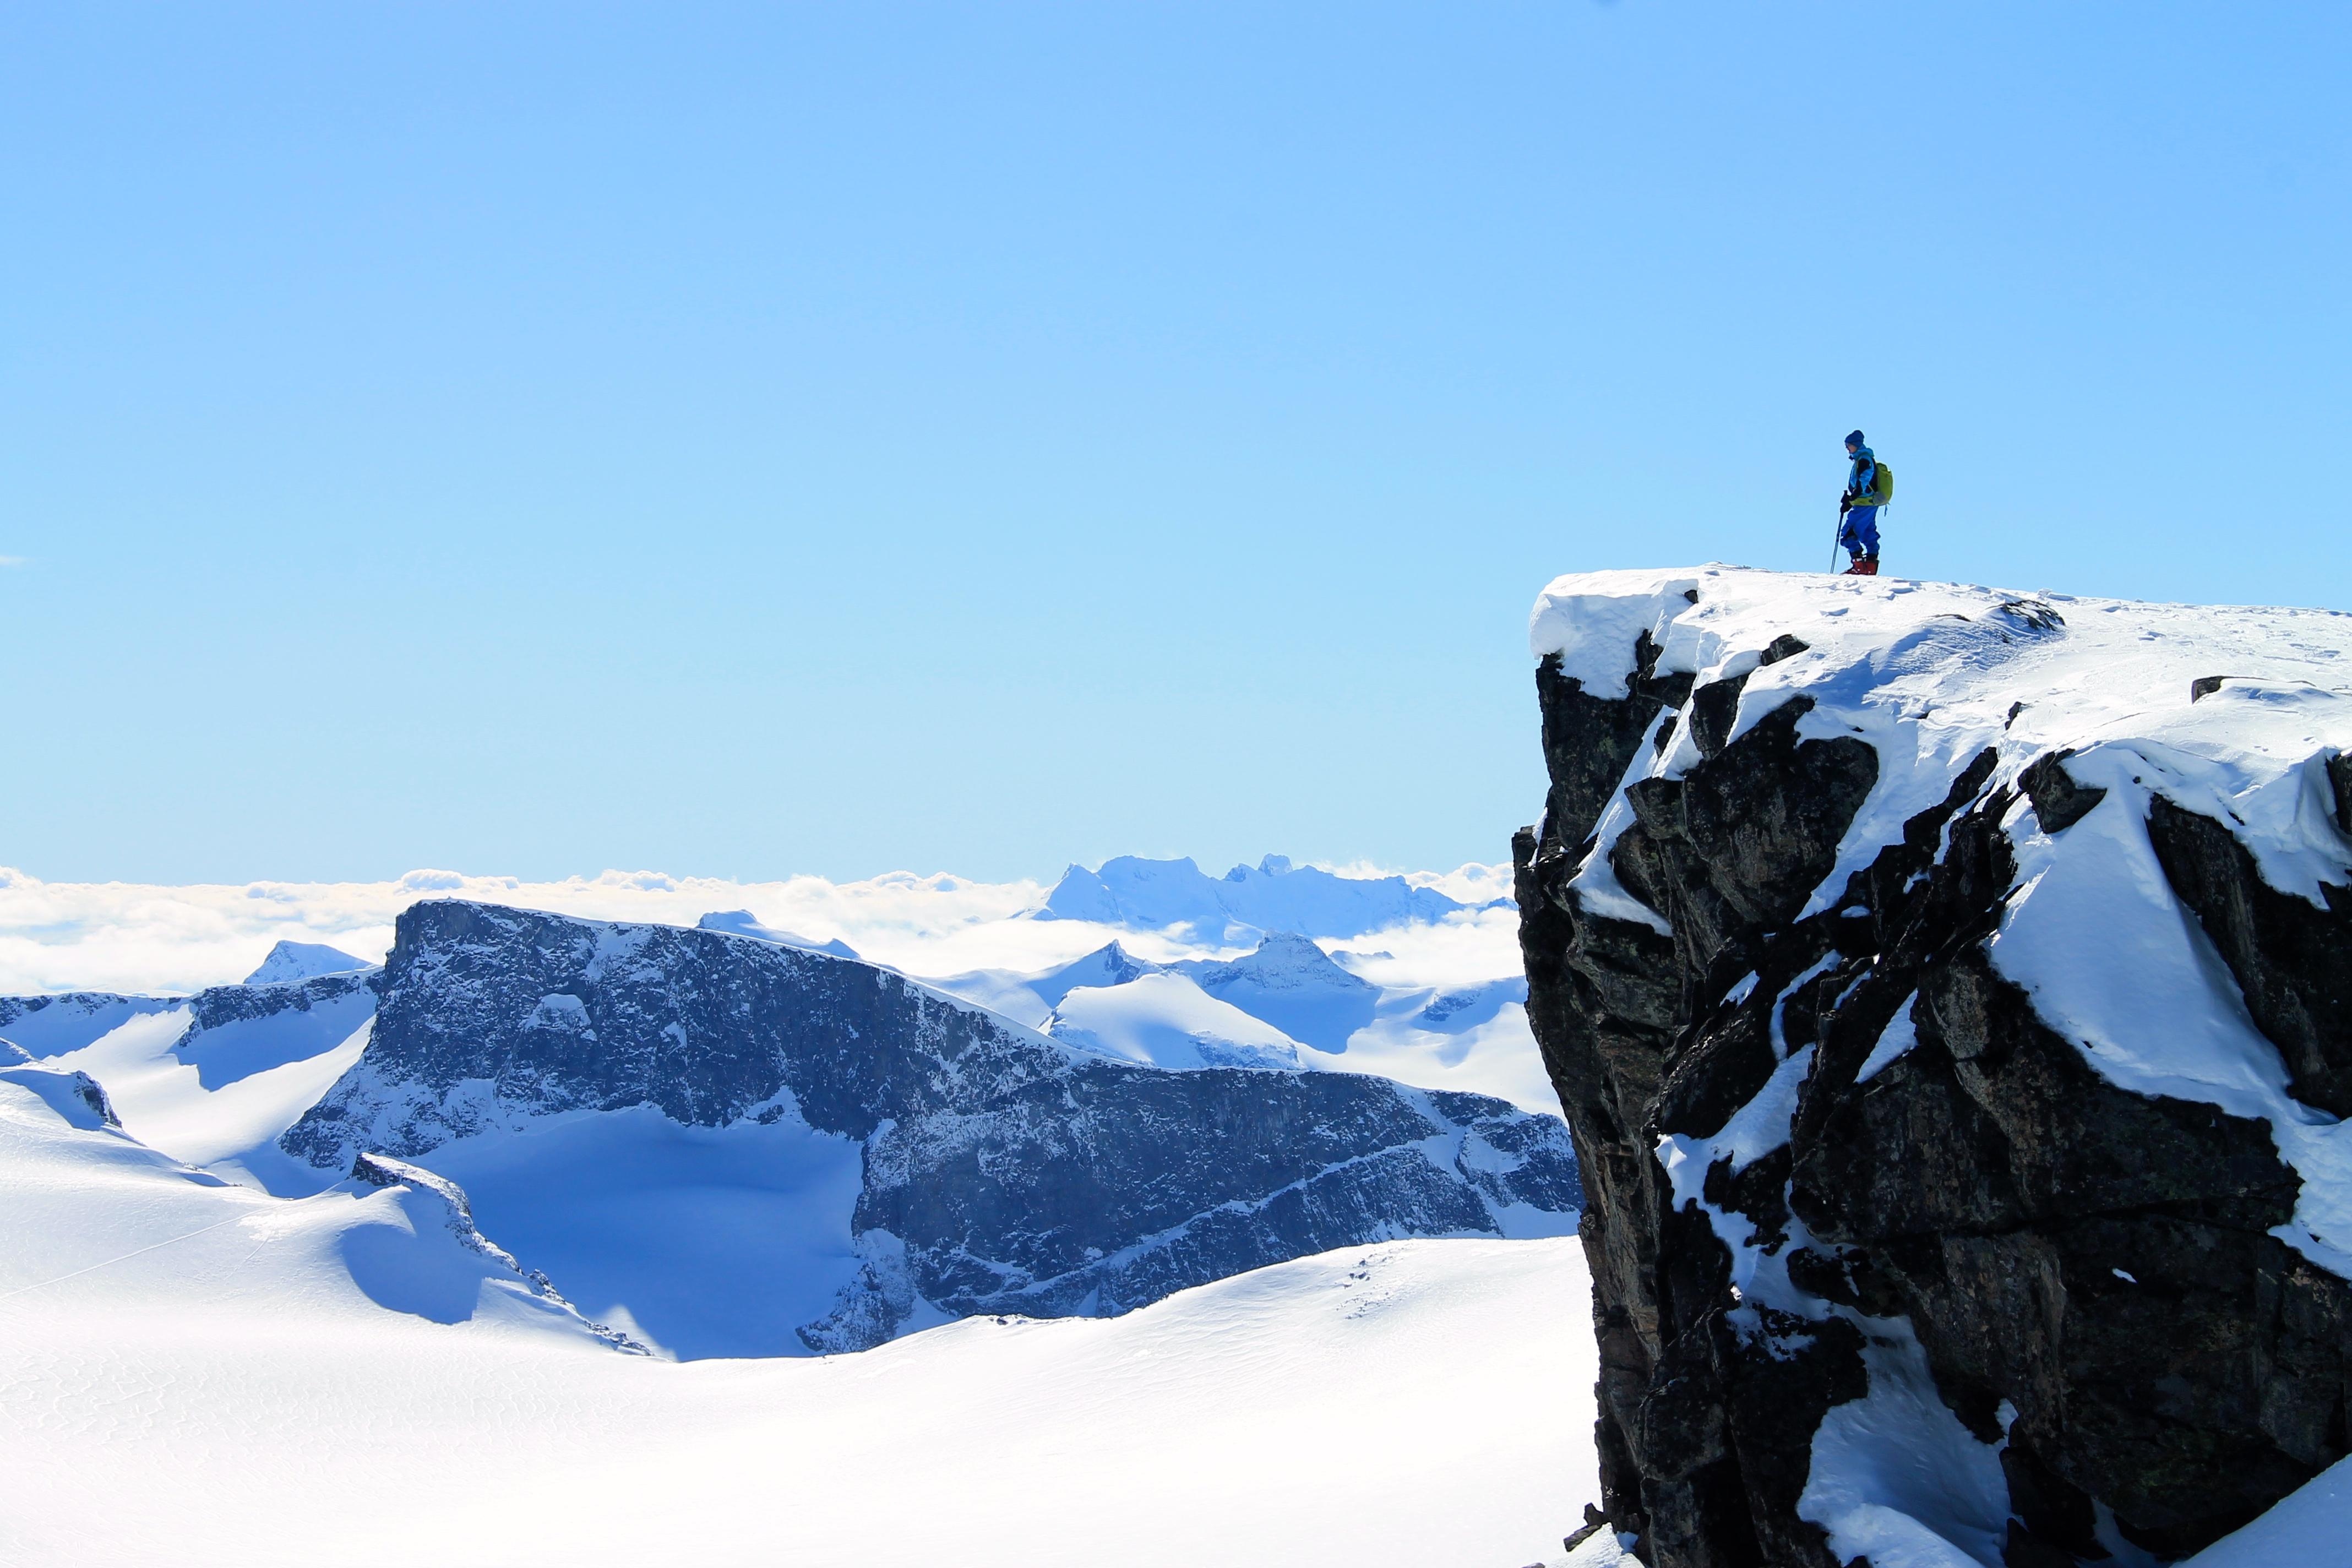 Utsikten fra Keilhaustopp er formidabel. Foto: Jørn Eriksson.